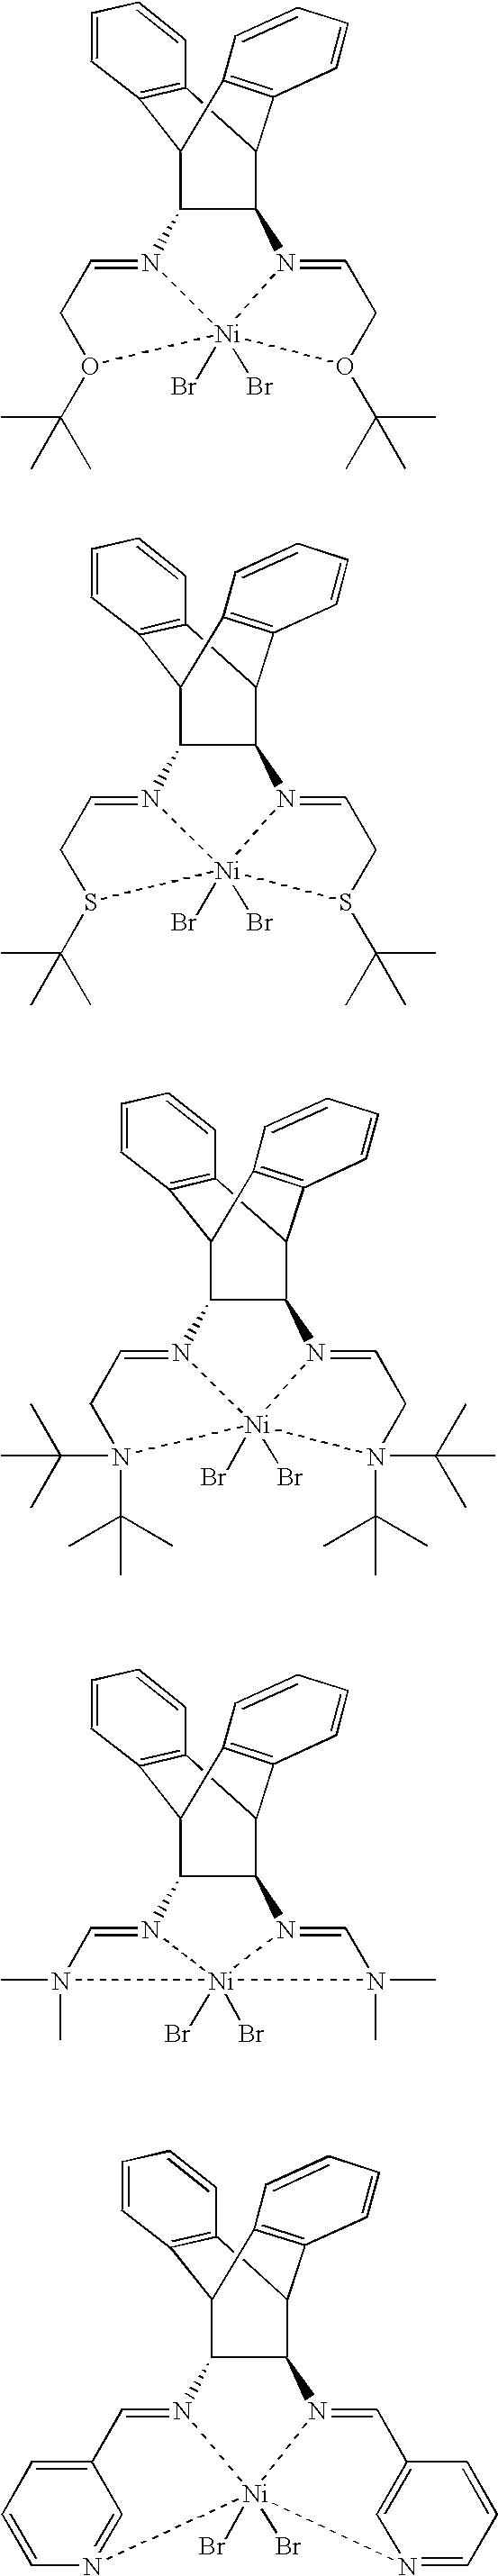 Figure US20060135352A1-20060622-C00008